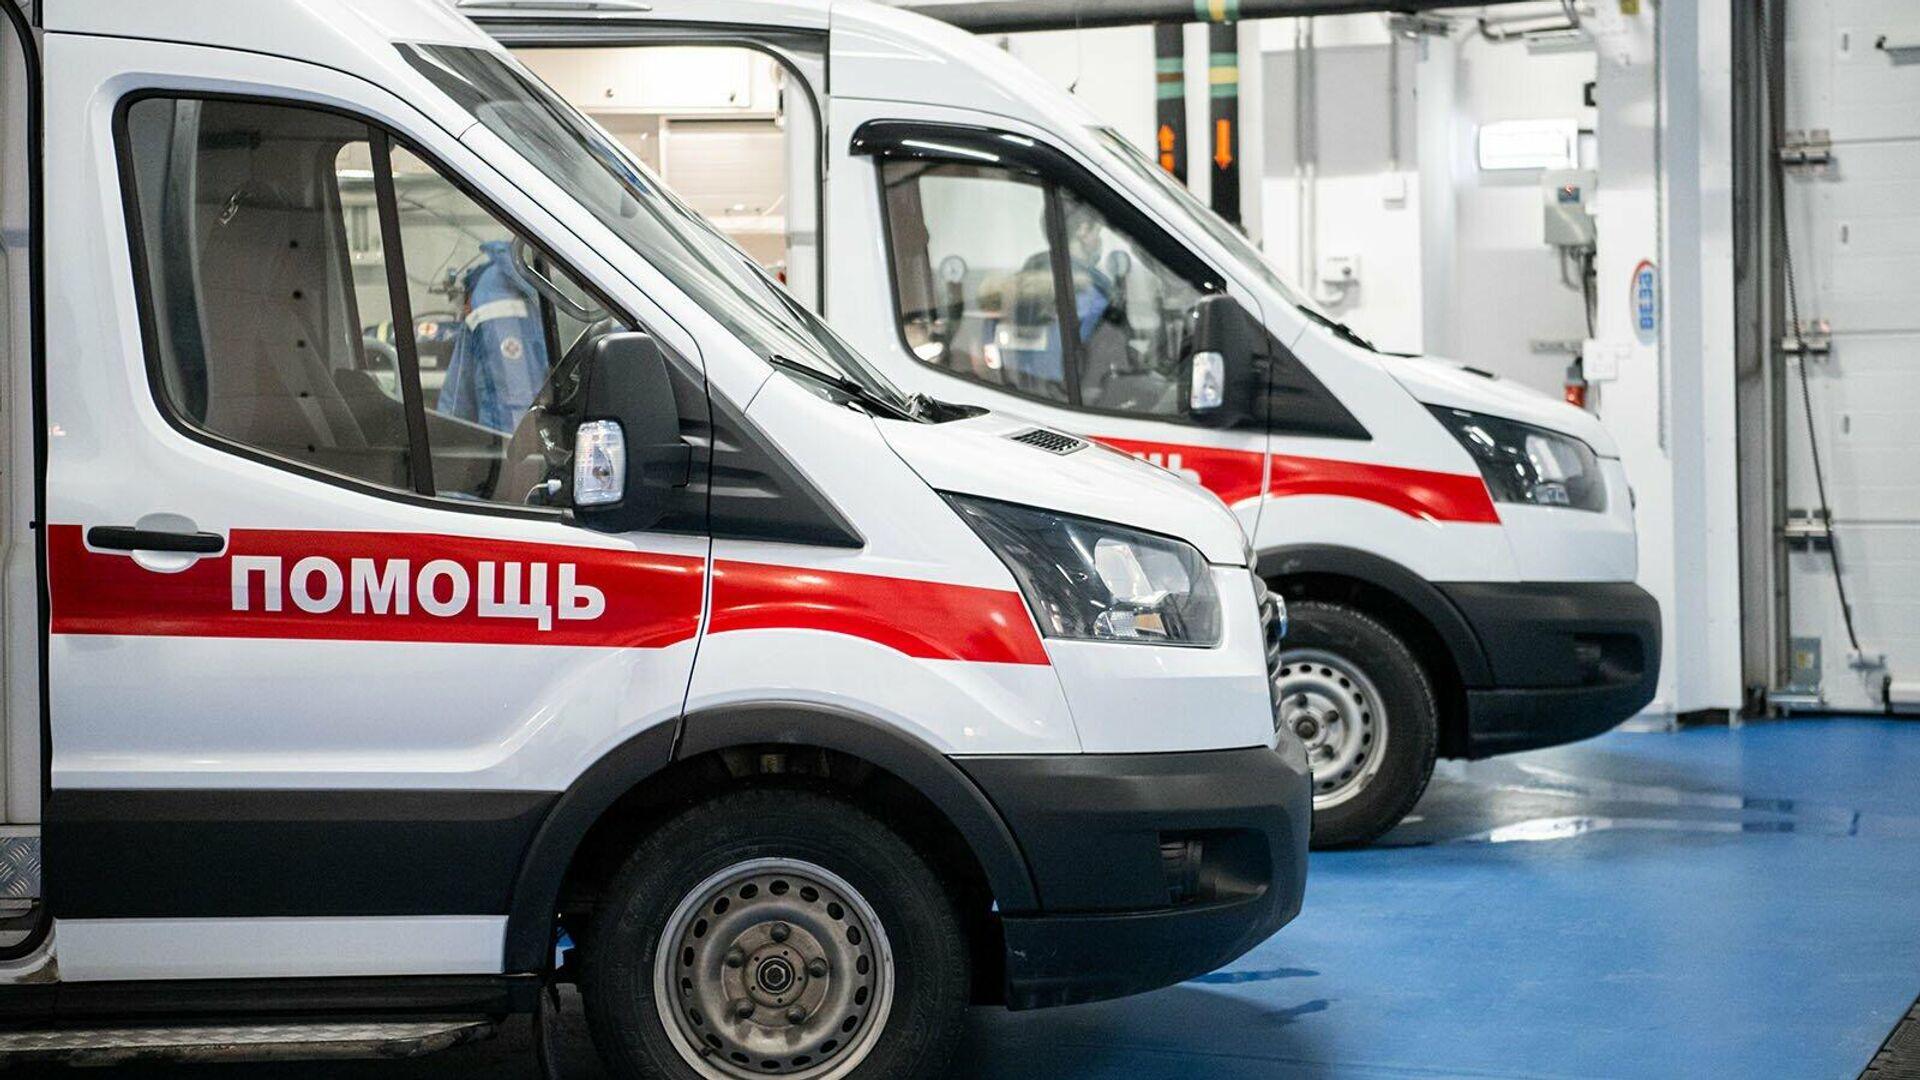 Автомобили медицинской помощи на новой подстанции скорой помощи в многопрофильной клинической больнице в Коммунарке - РИА Новости, 1920, 29.01.2021